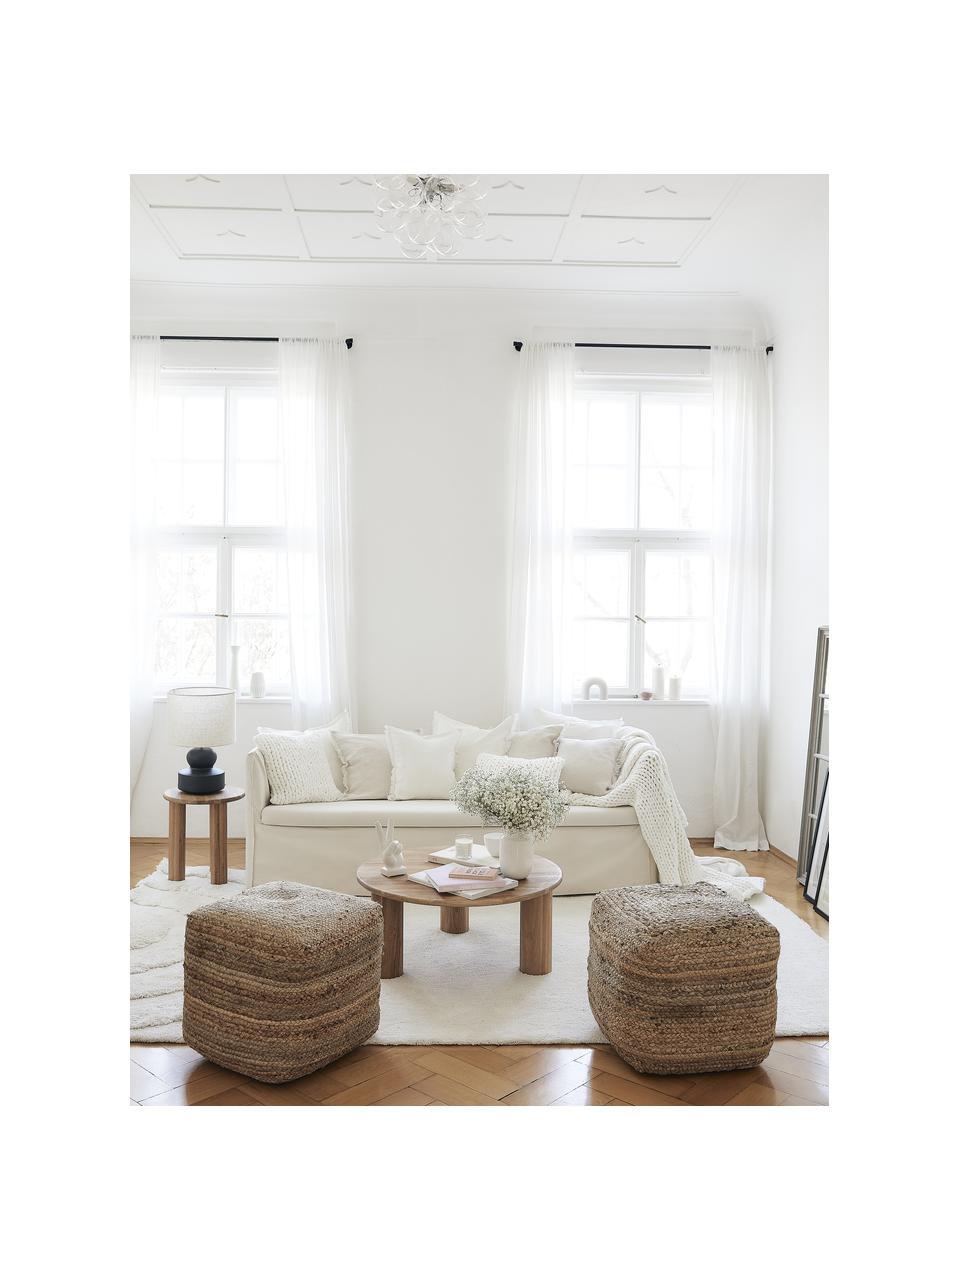 Zitbank met  kussens Mila (3-zits) in crèmewit, Bekleding: katoen, Frame: massief vurenhout, Poten: kunststof, Crèmewit, B 195 x D 82 cm